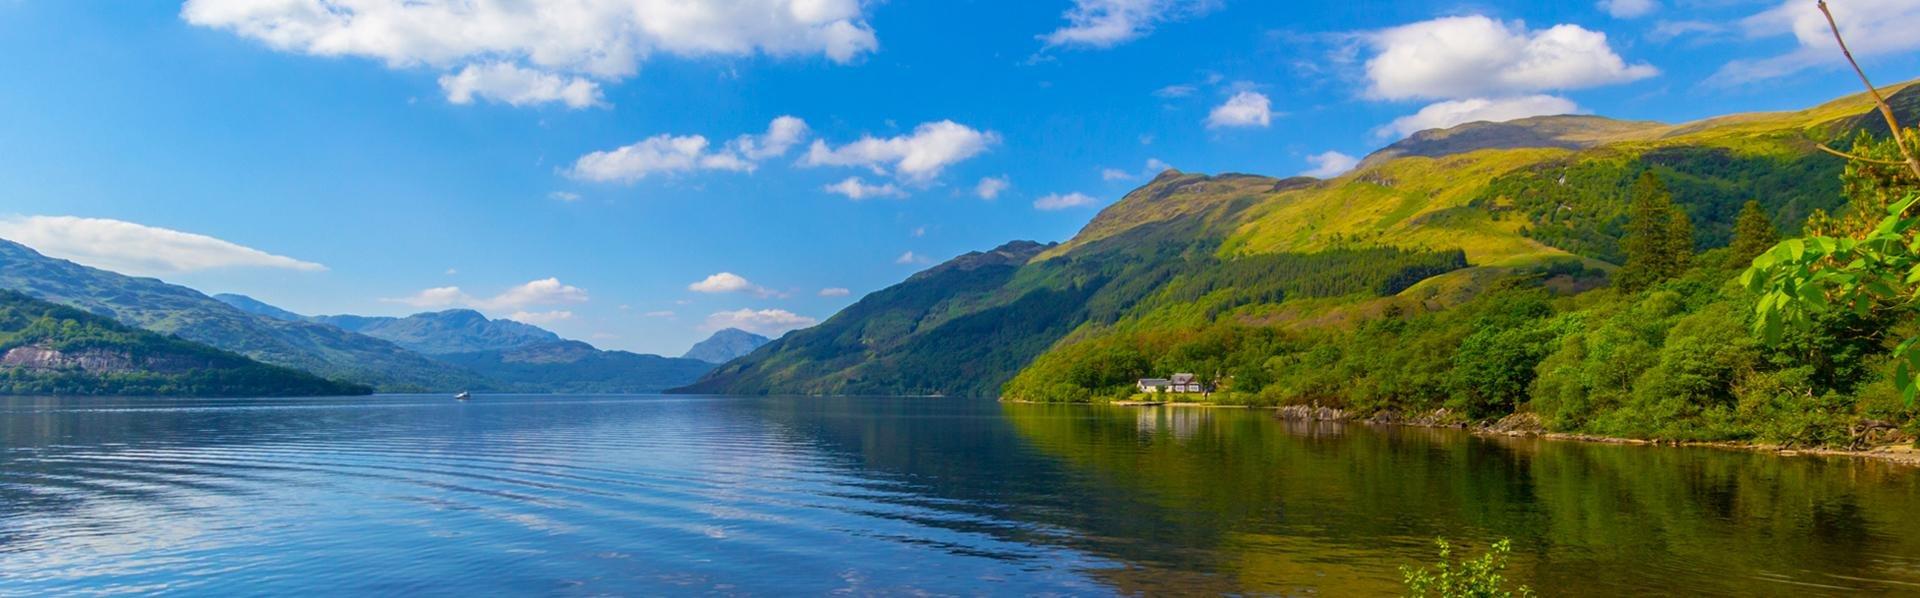 Loch Lomond, Schotland, Groot-Brittannië